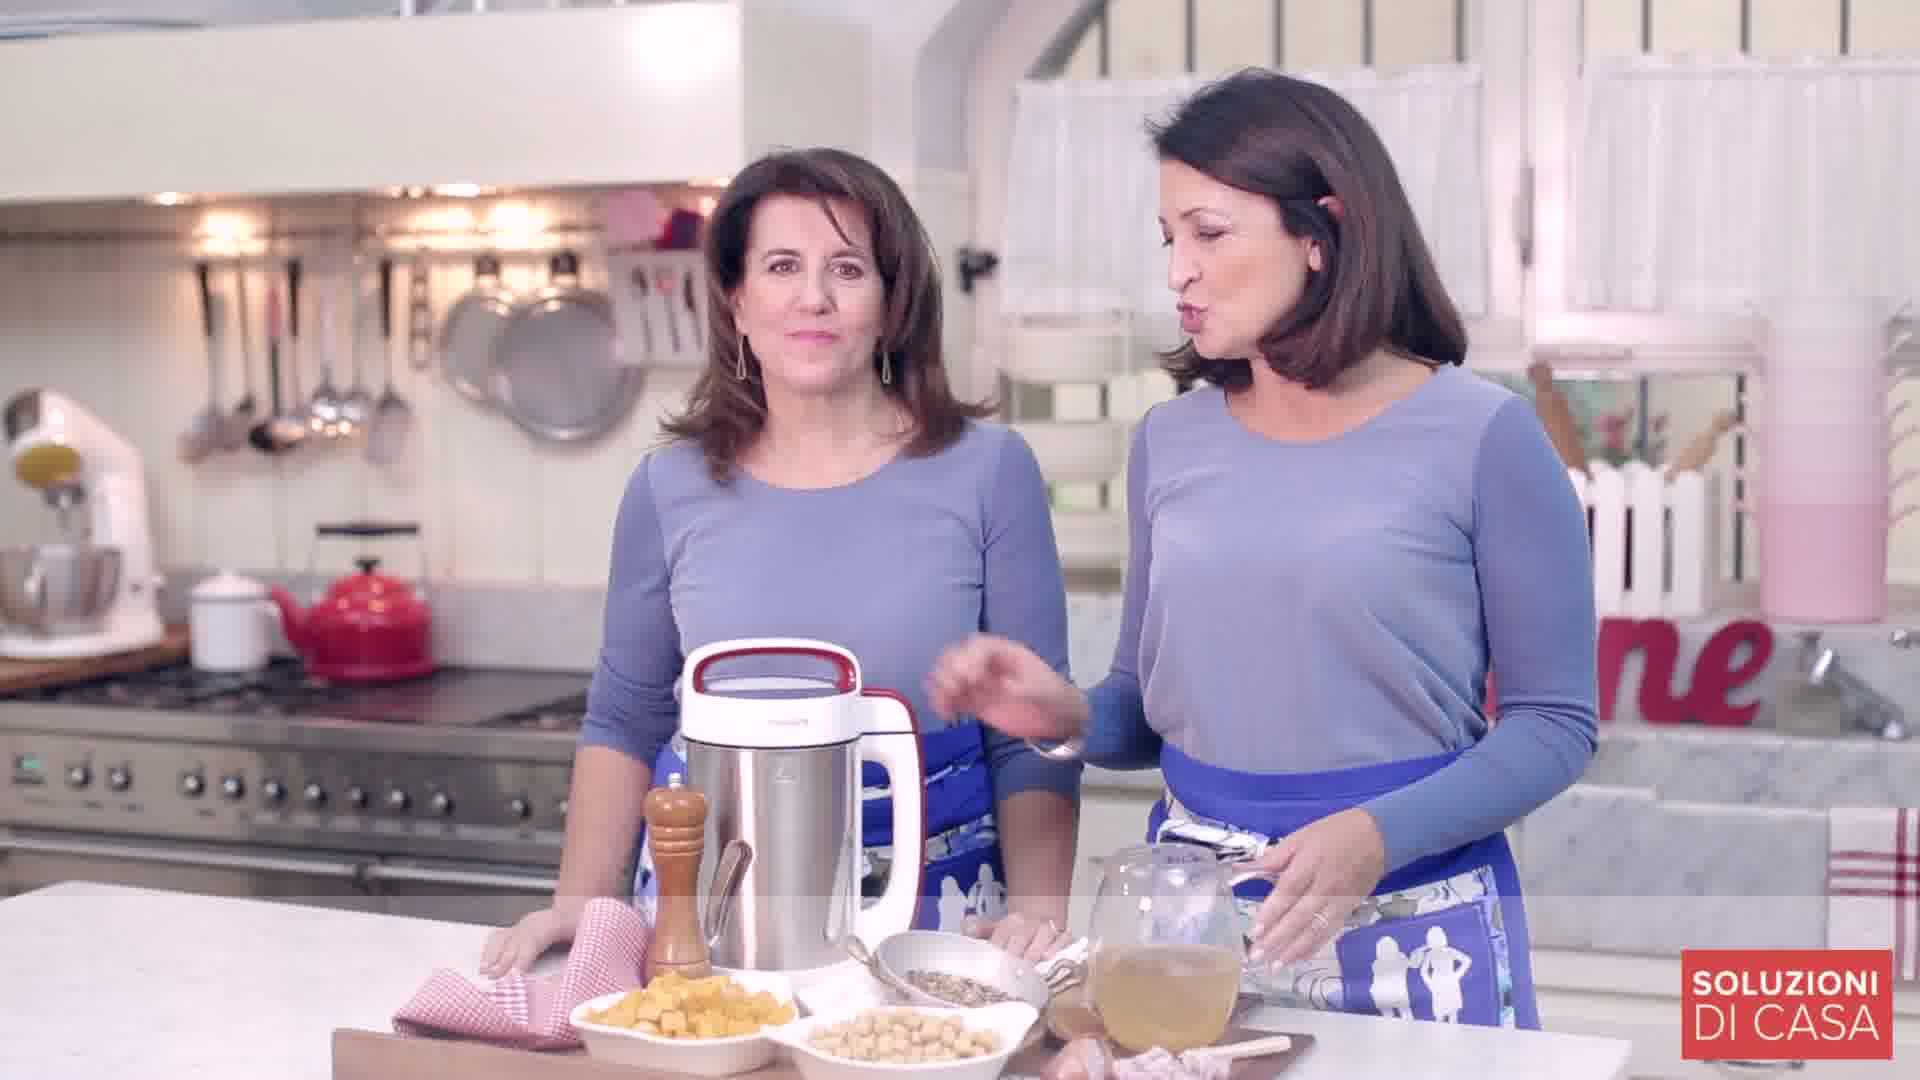 Philips Soup Maker e la soluzione tovaglietta all'americana